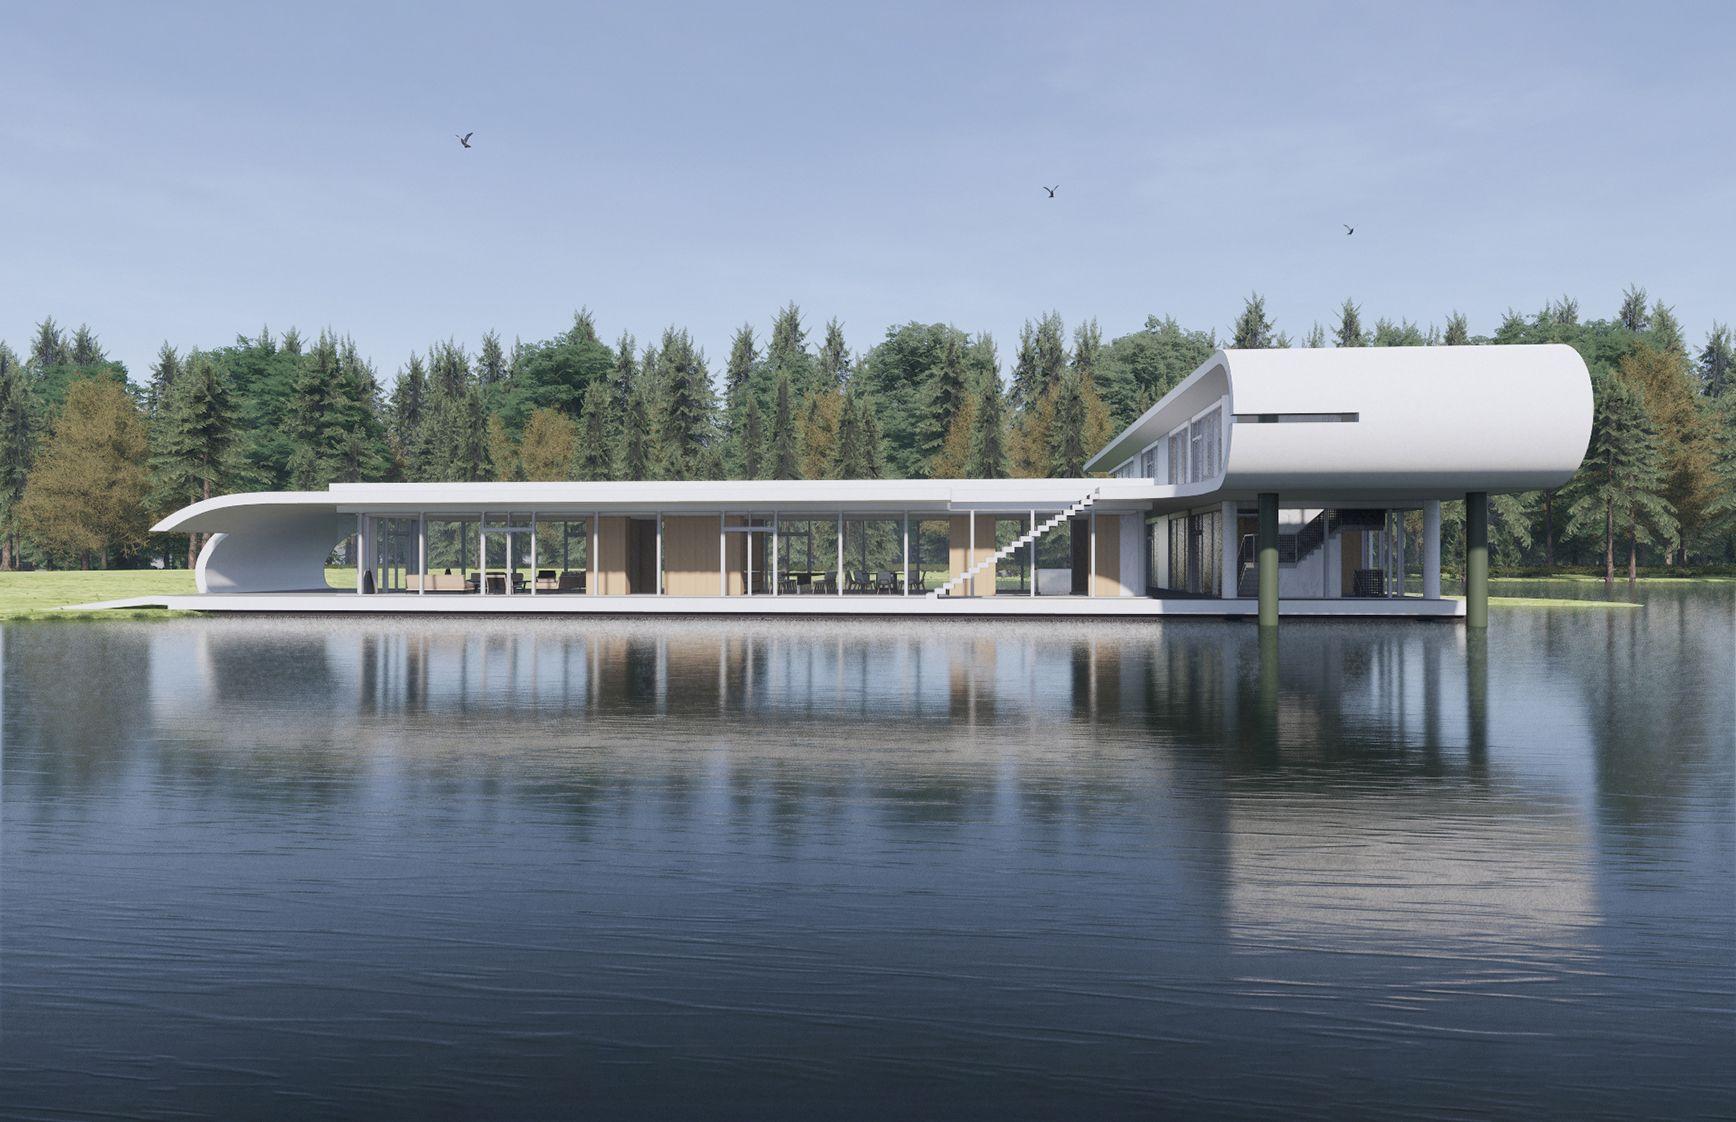 極限運動員廖韋強的建築奇想「大膽放手,生活極限宅」 - Taiwan Tatler